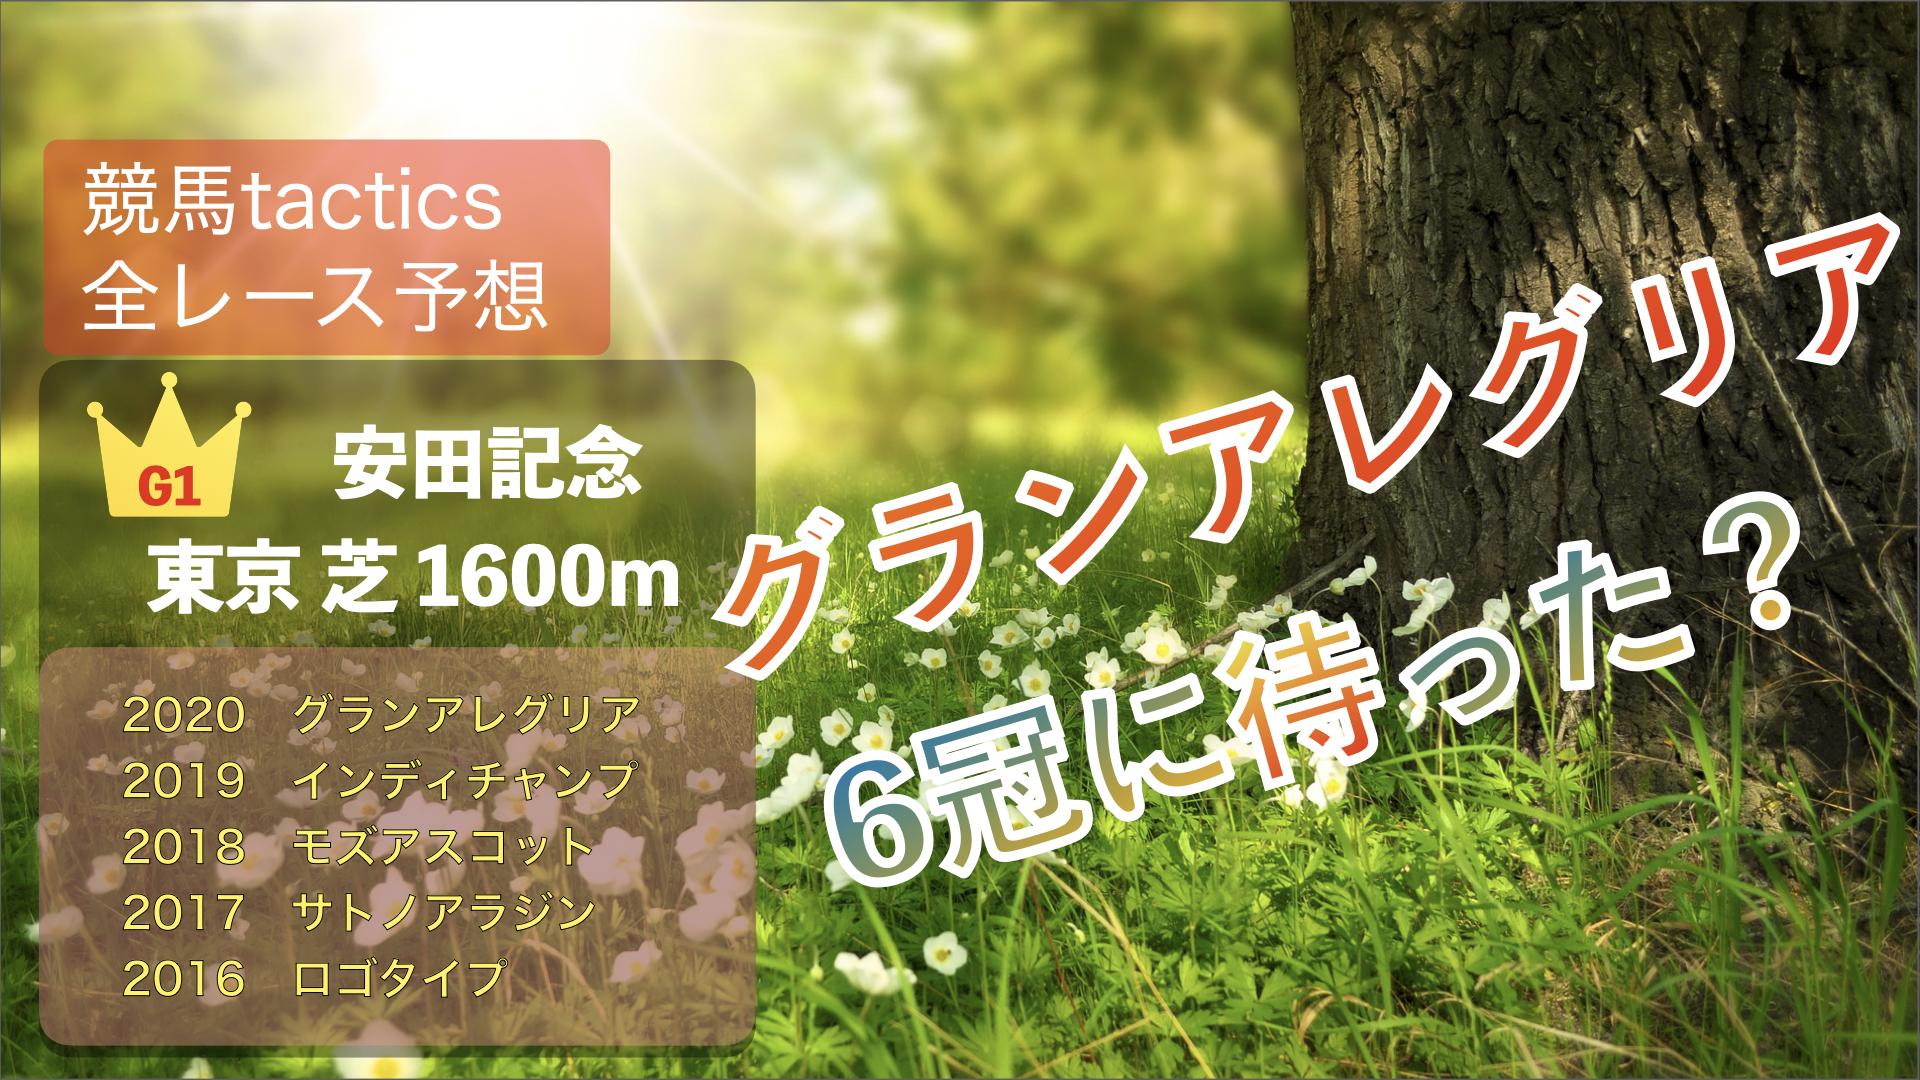 2021.06.06(日)第71回安田記念(G1)東京競馬場 芝1600m 左回り